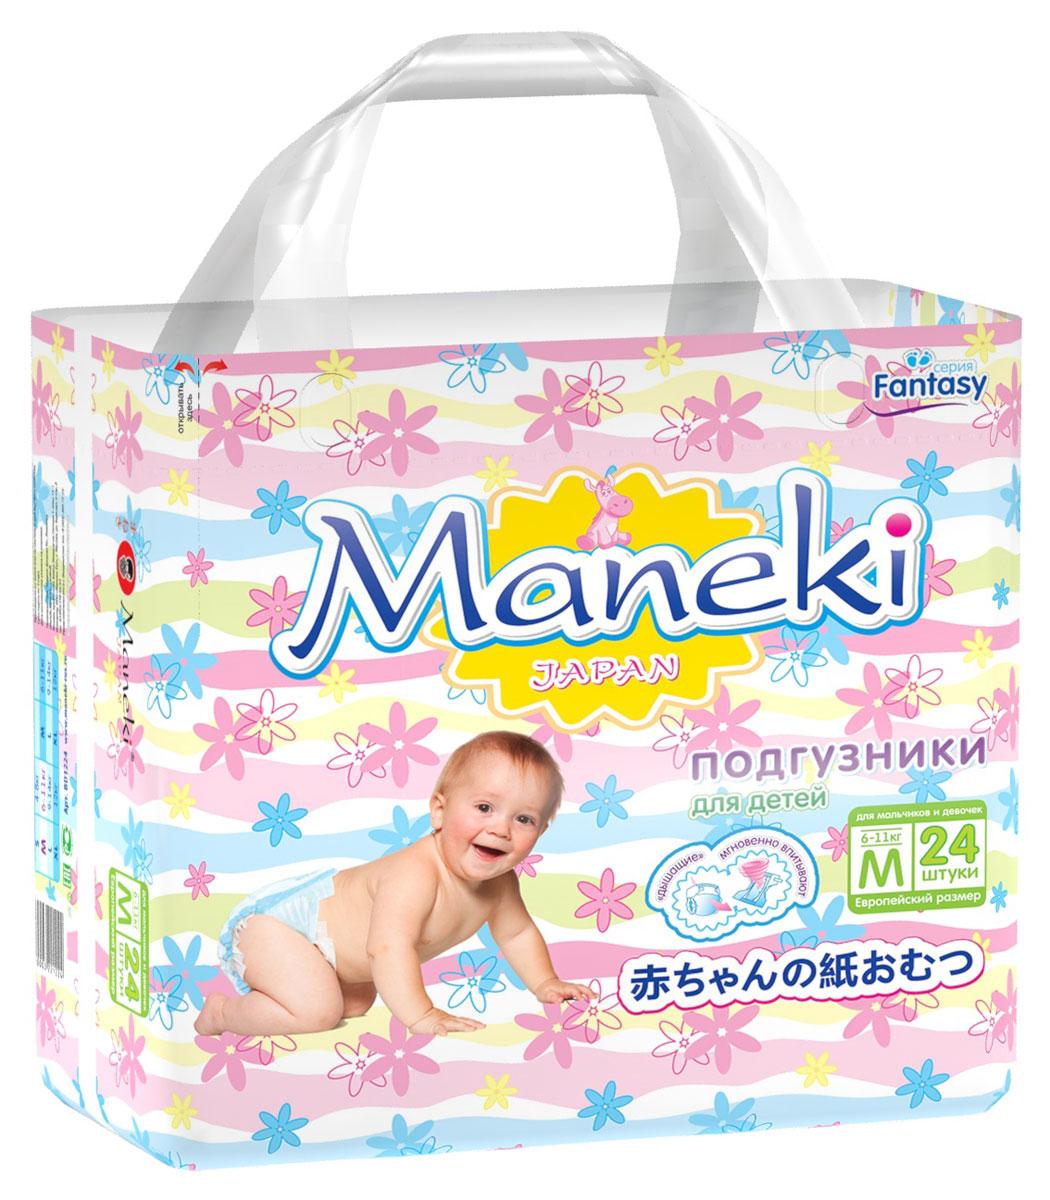 Maneki Подгузники детские одноразовые Mini размер M 6-11 кг 24 штBD1224Подгузники детские одноразовые с полосками-индикаторами, полностью удерживают влагу внутри «дышит», эффективно защищает от опрелостей и раздражения. Мягкий и эластичный поясок на спинке не сдавливает и не натирает. Подгузники не разбухают и не комкаются между ножек. Подходят для мальчиков и для девочек. Яркая и компактная упаковка с ручкой. Изготовлены подгузники из экологически чистого сырья.